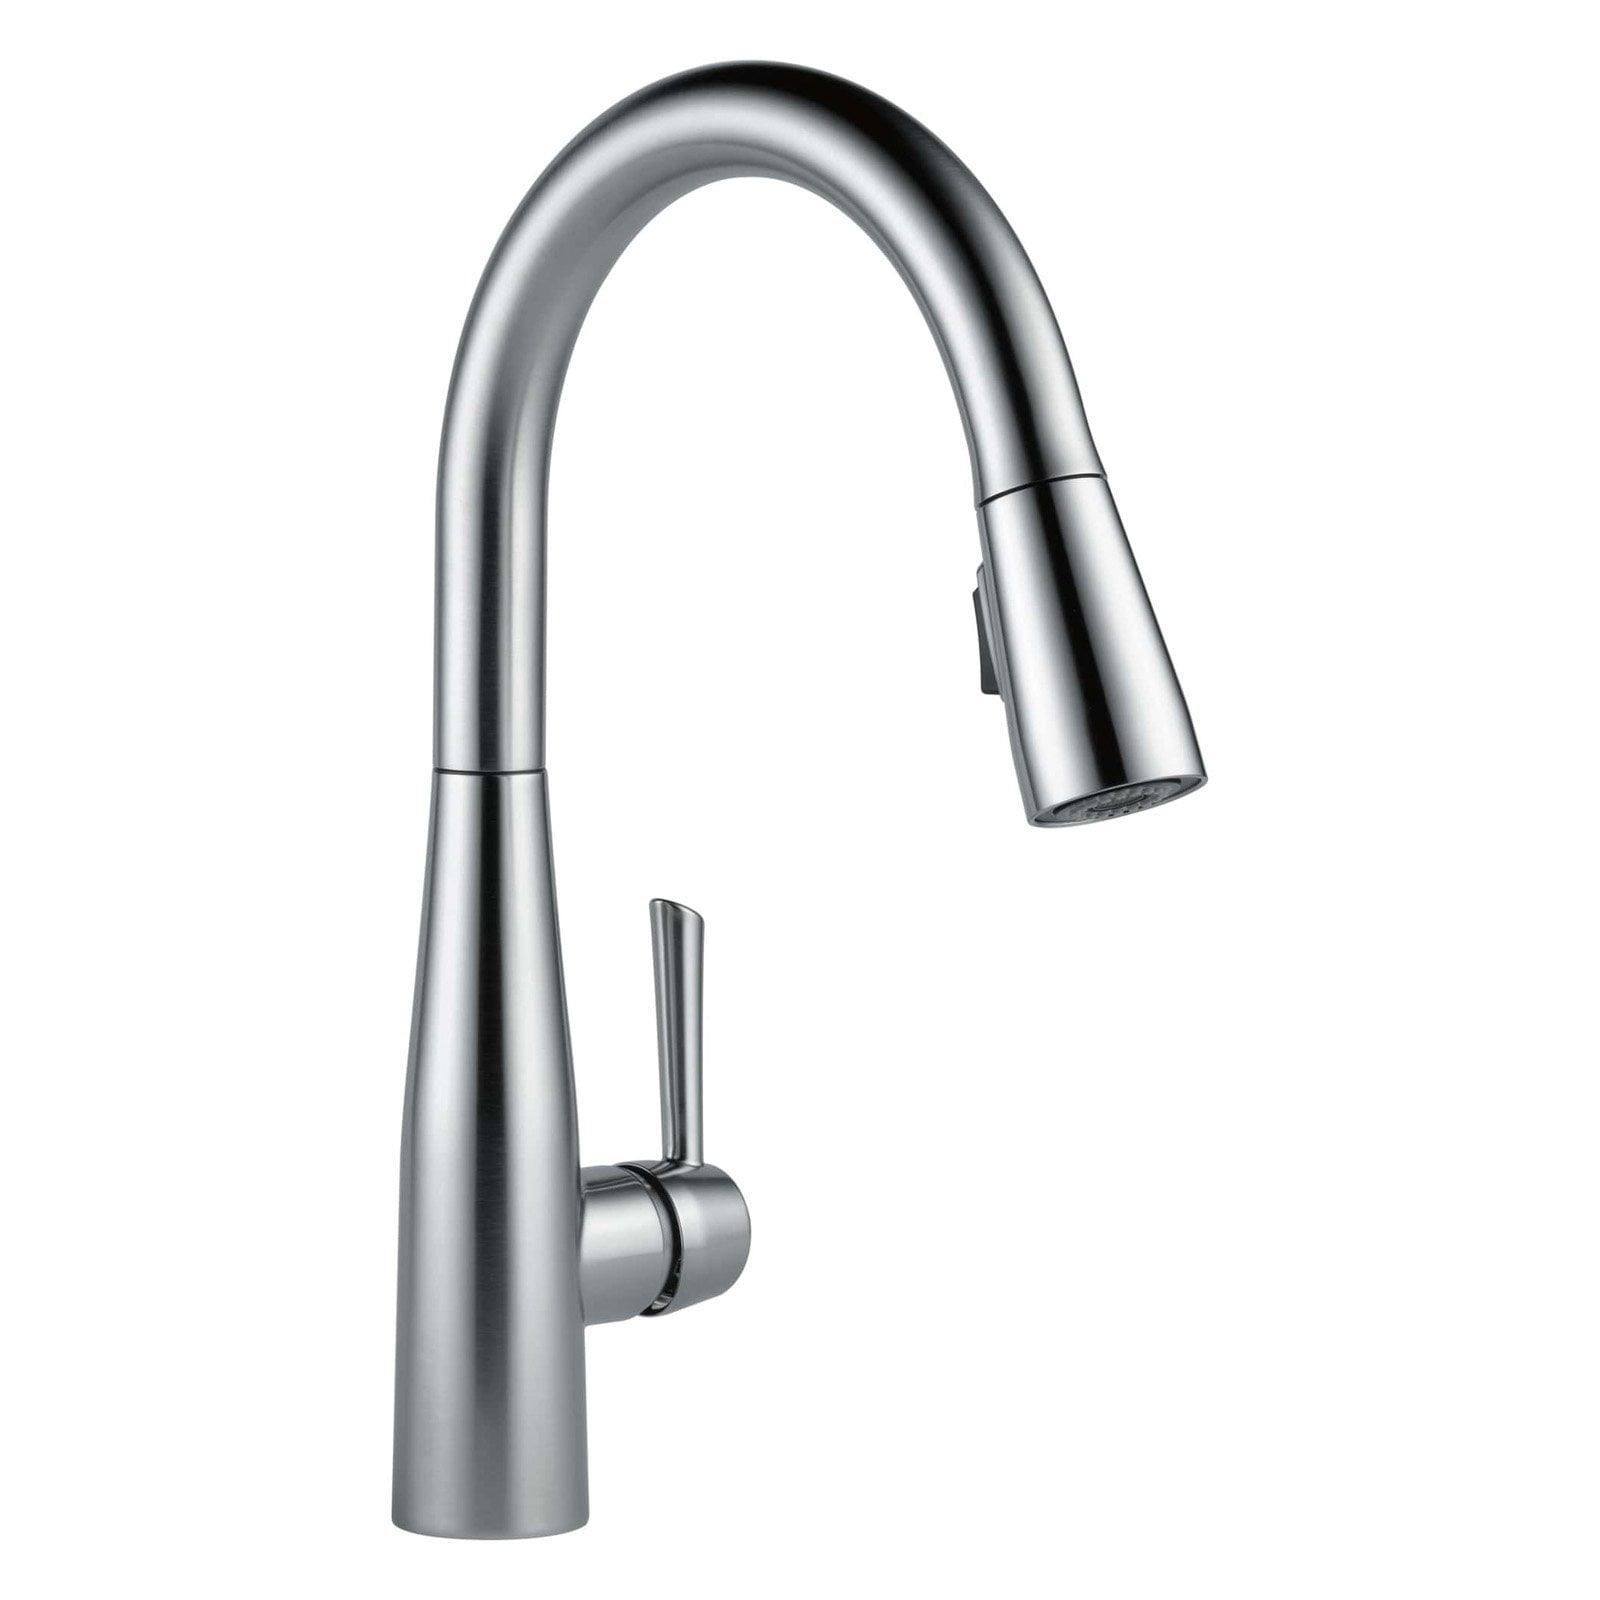 Delta Essa 9113 Pull-Down Spray Kitchen Faucet by Delta